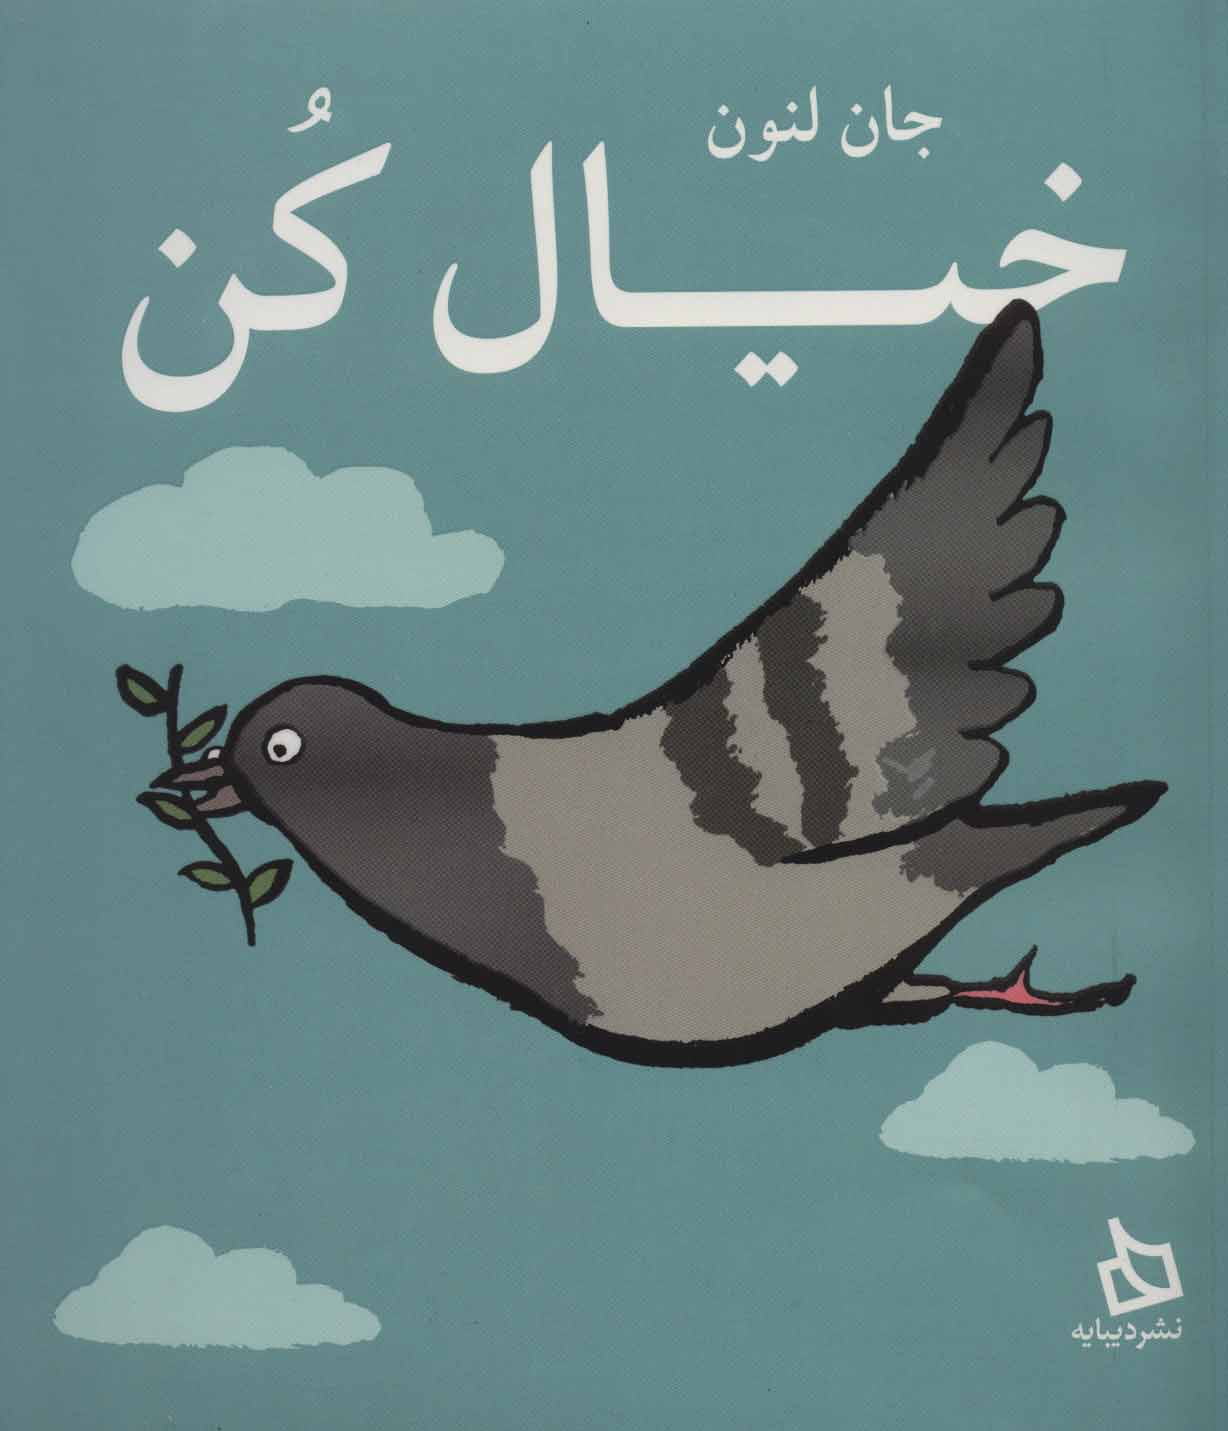 کتاب خیال کن